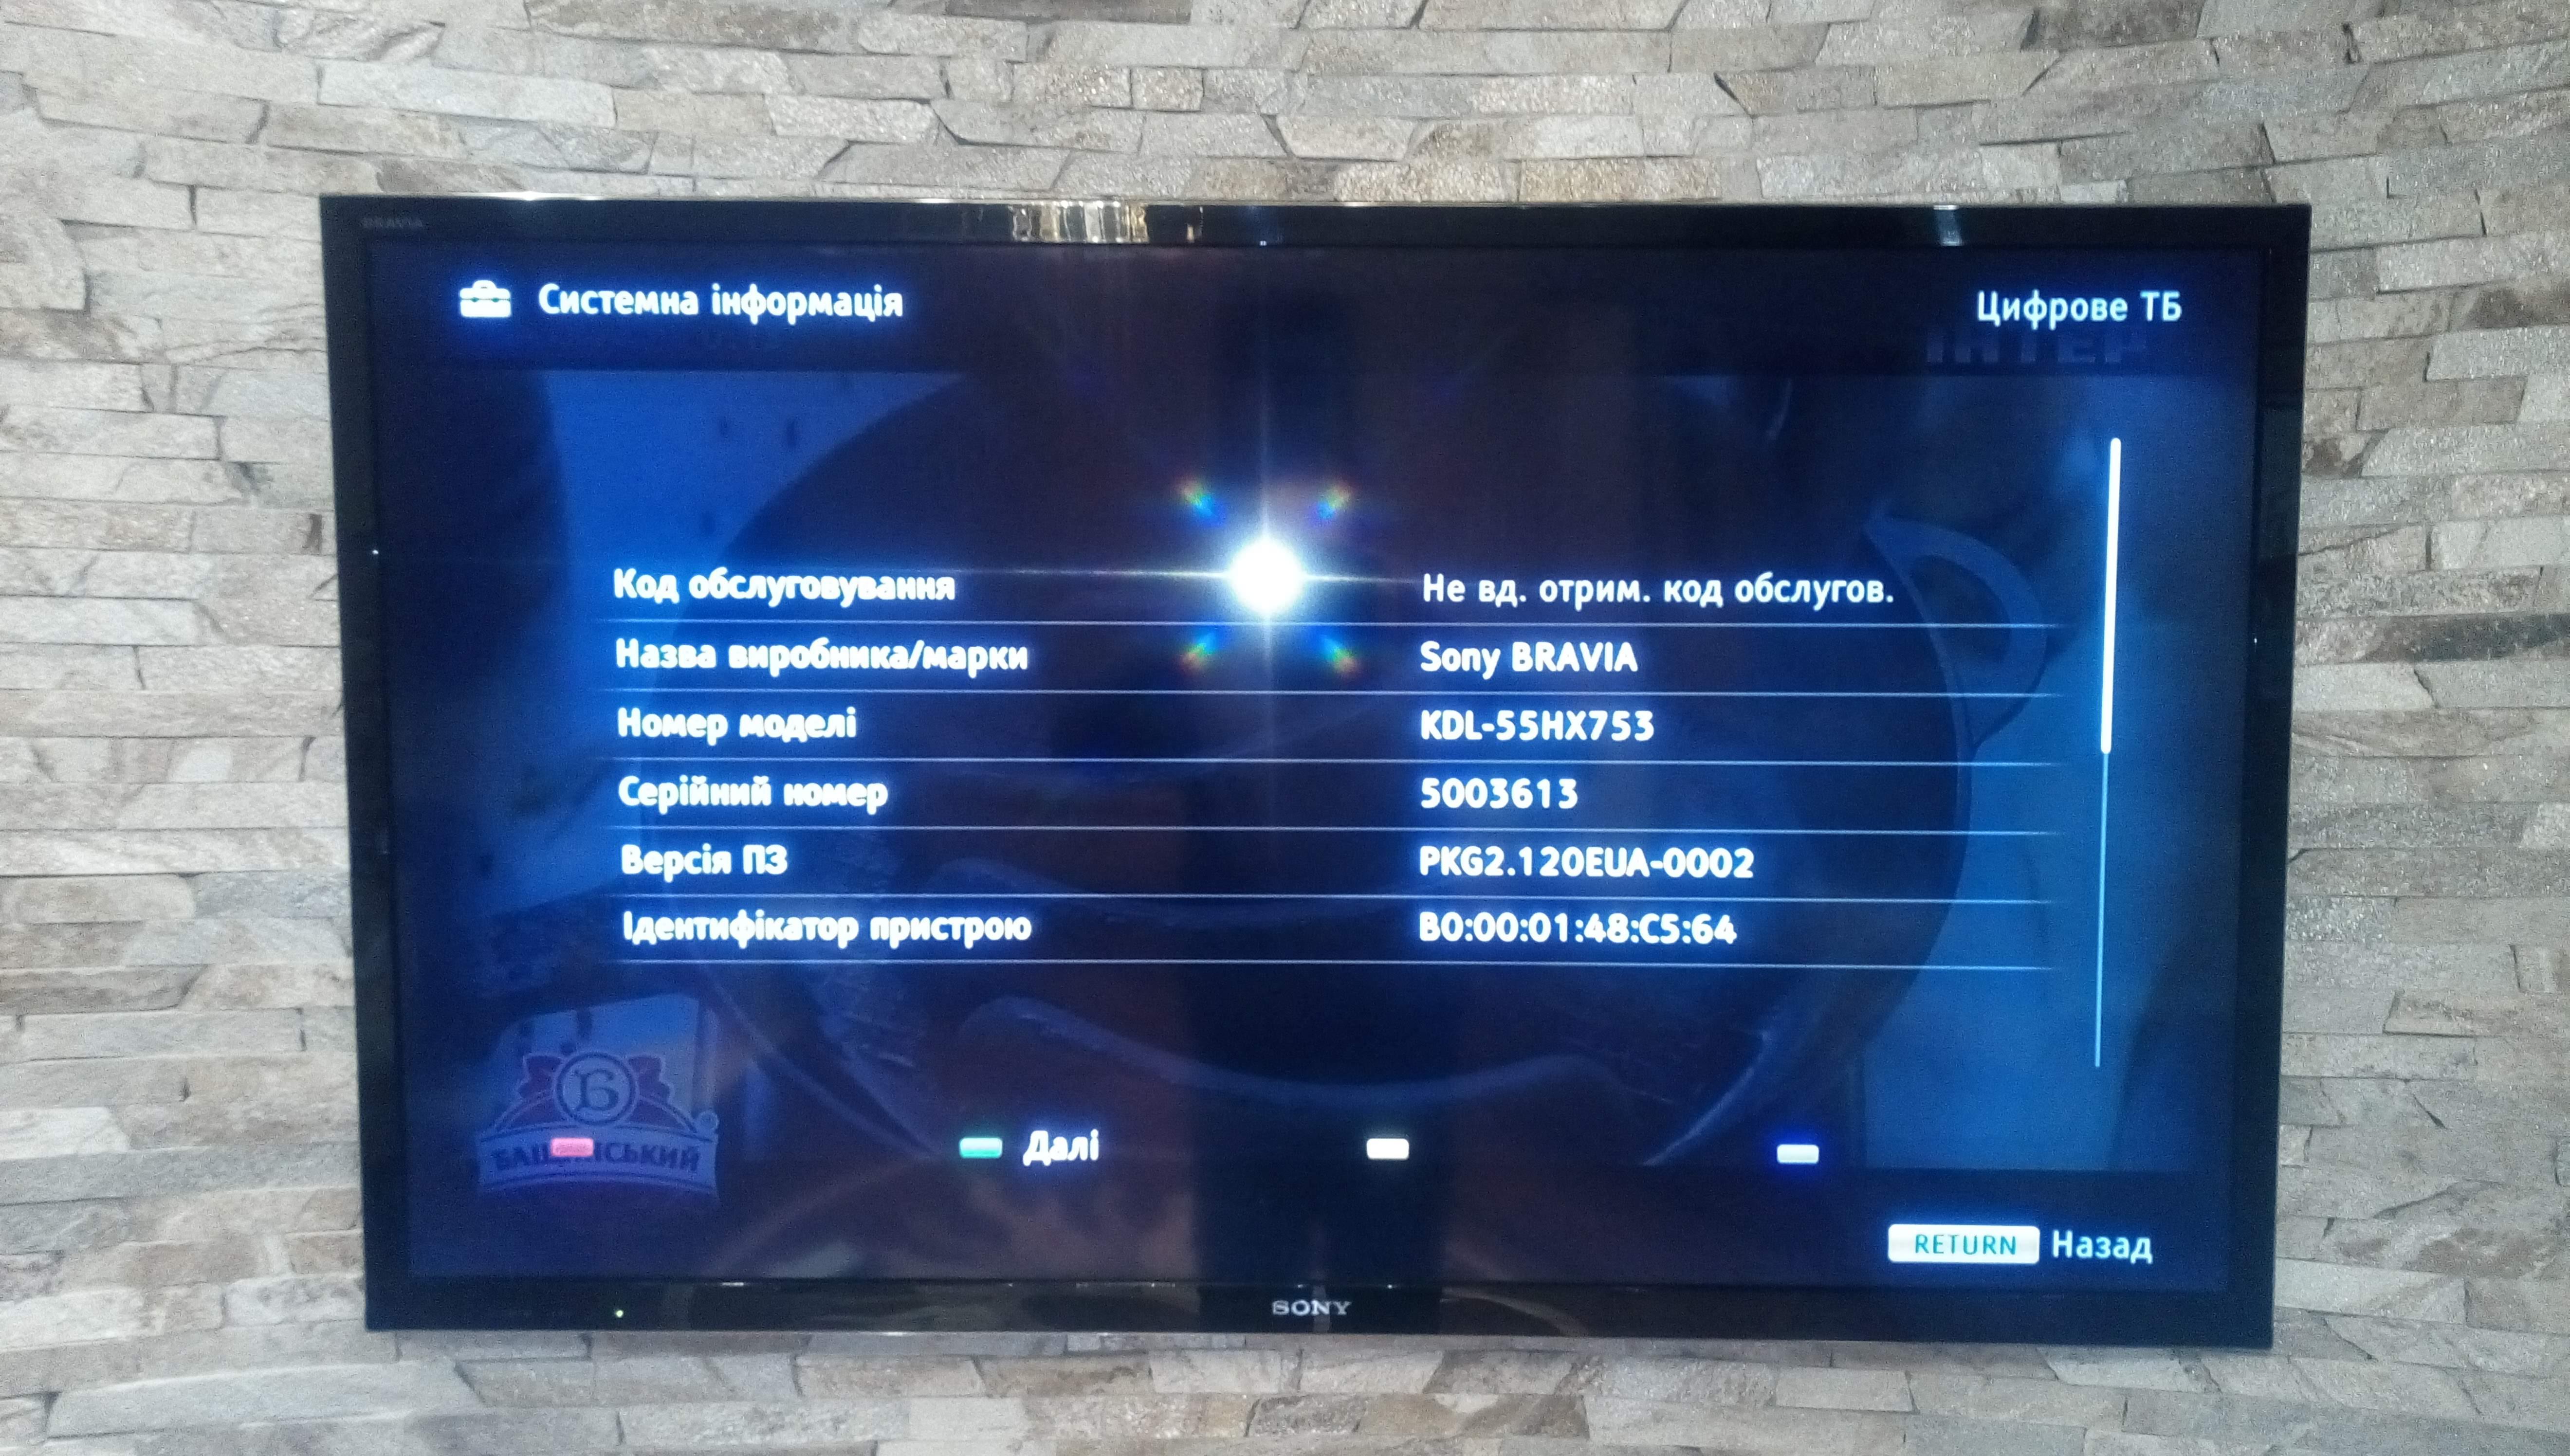 Фото Навішування, підключення та налаштування телевізора